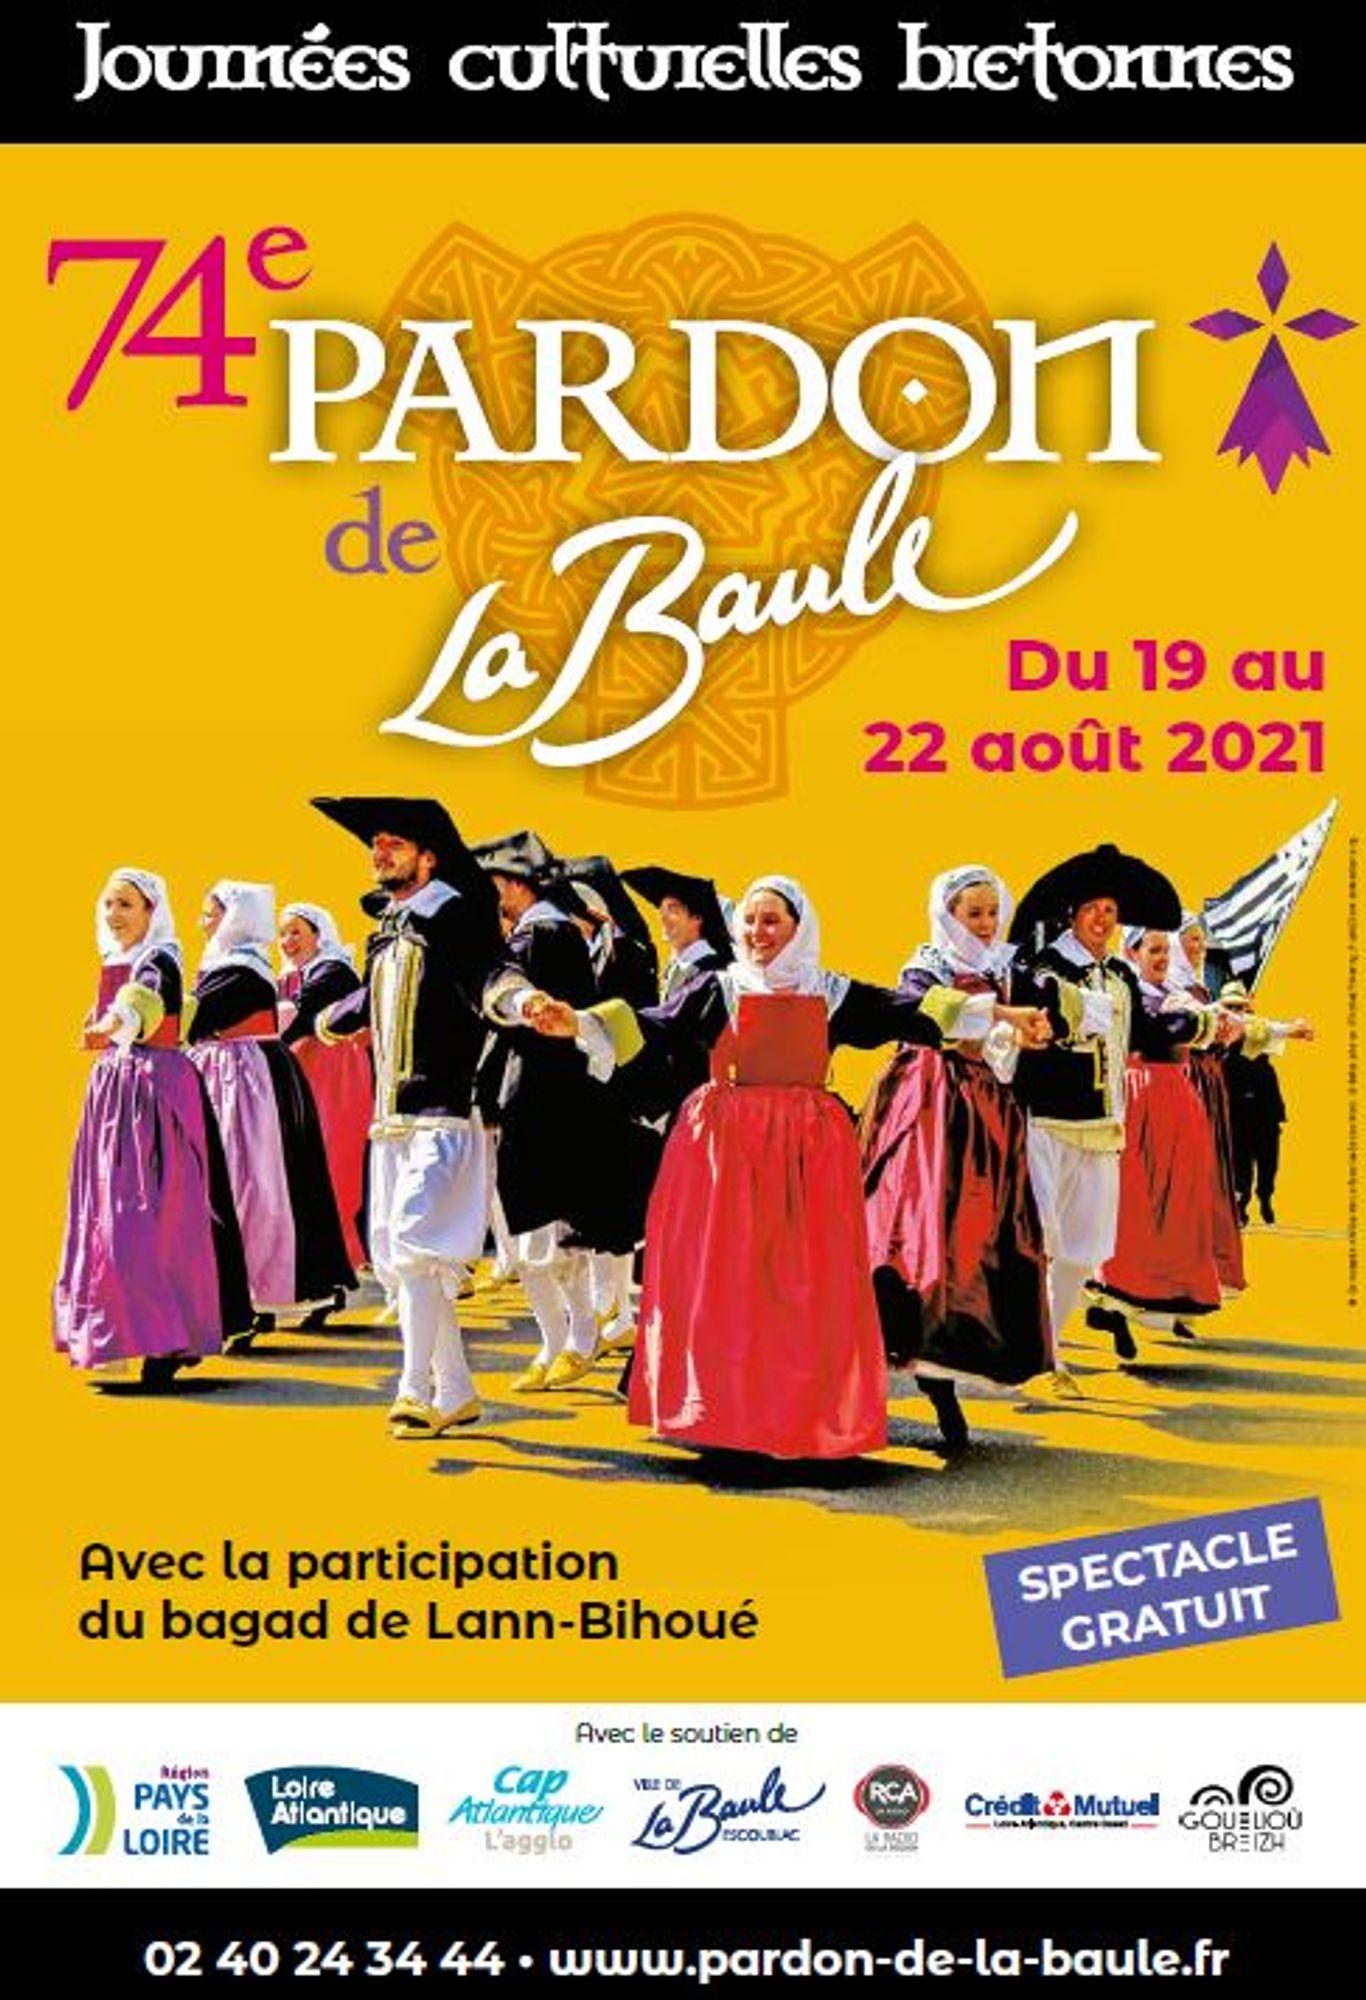 74ème Pardon de La Baule